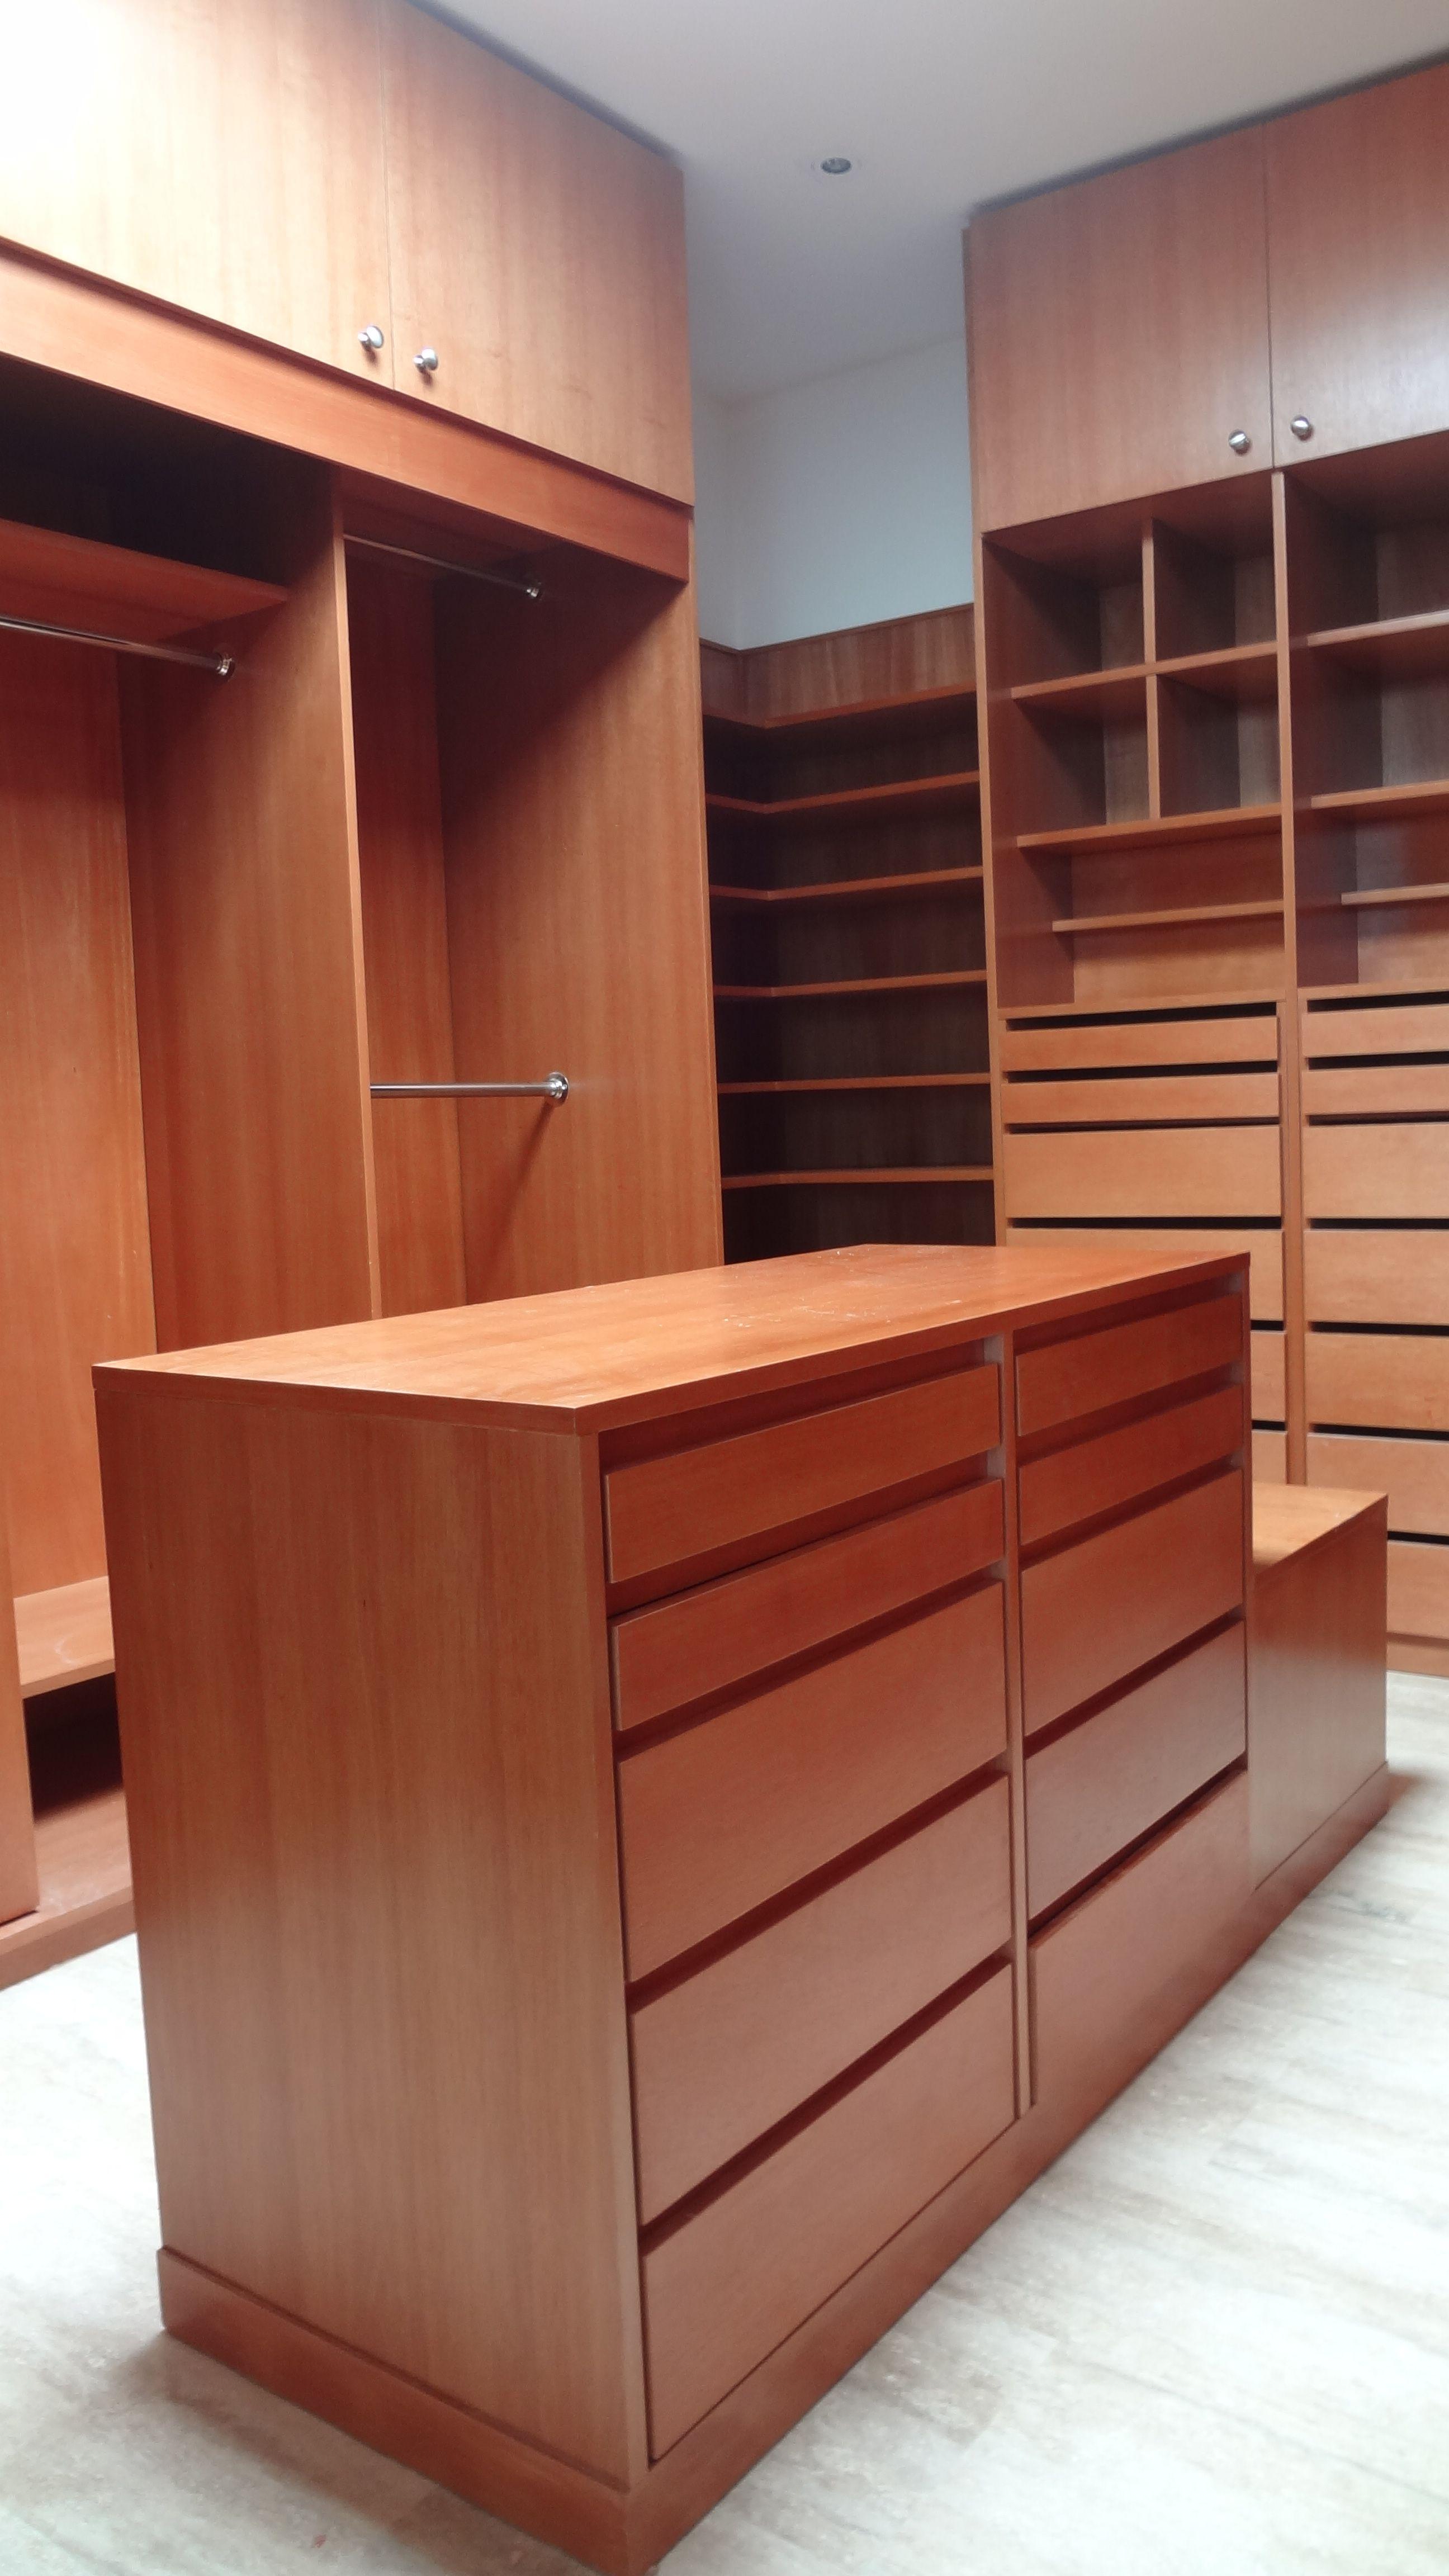 Vestidor en madera cedrillo con isla central y espacio for Closets finos madera